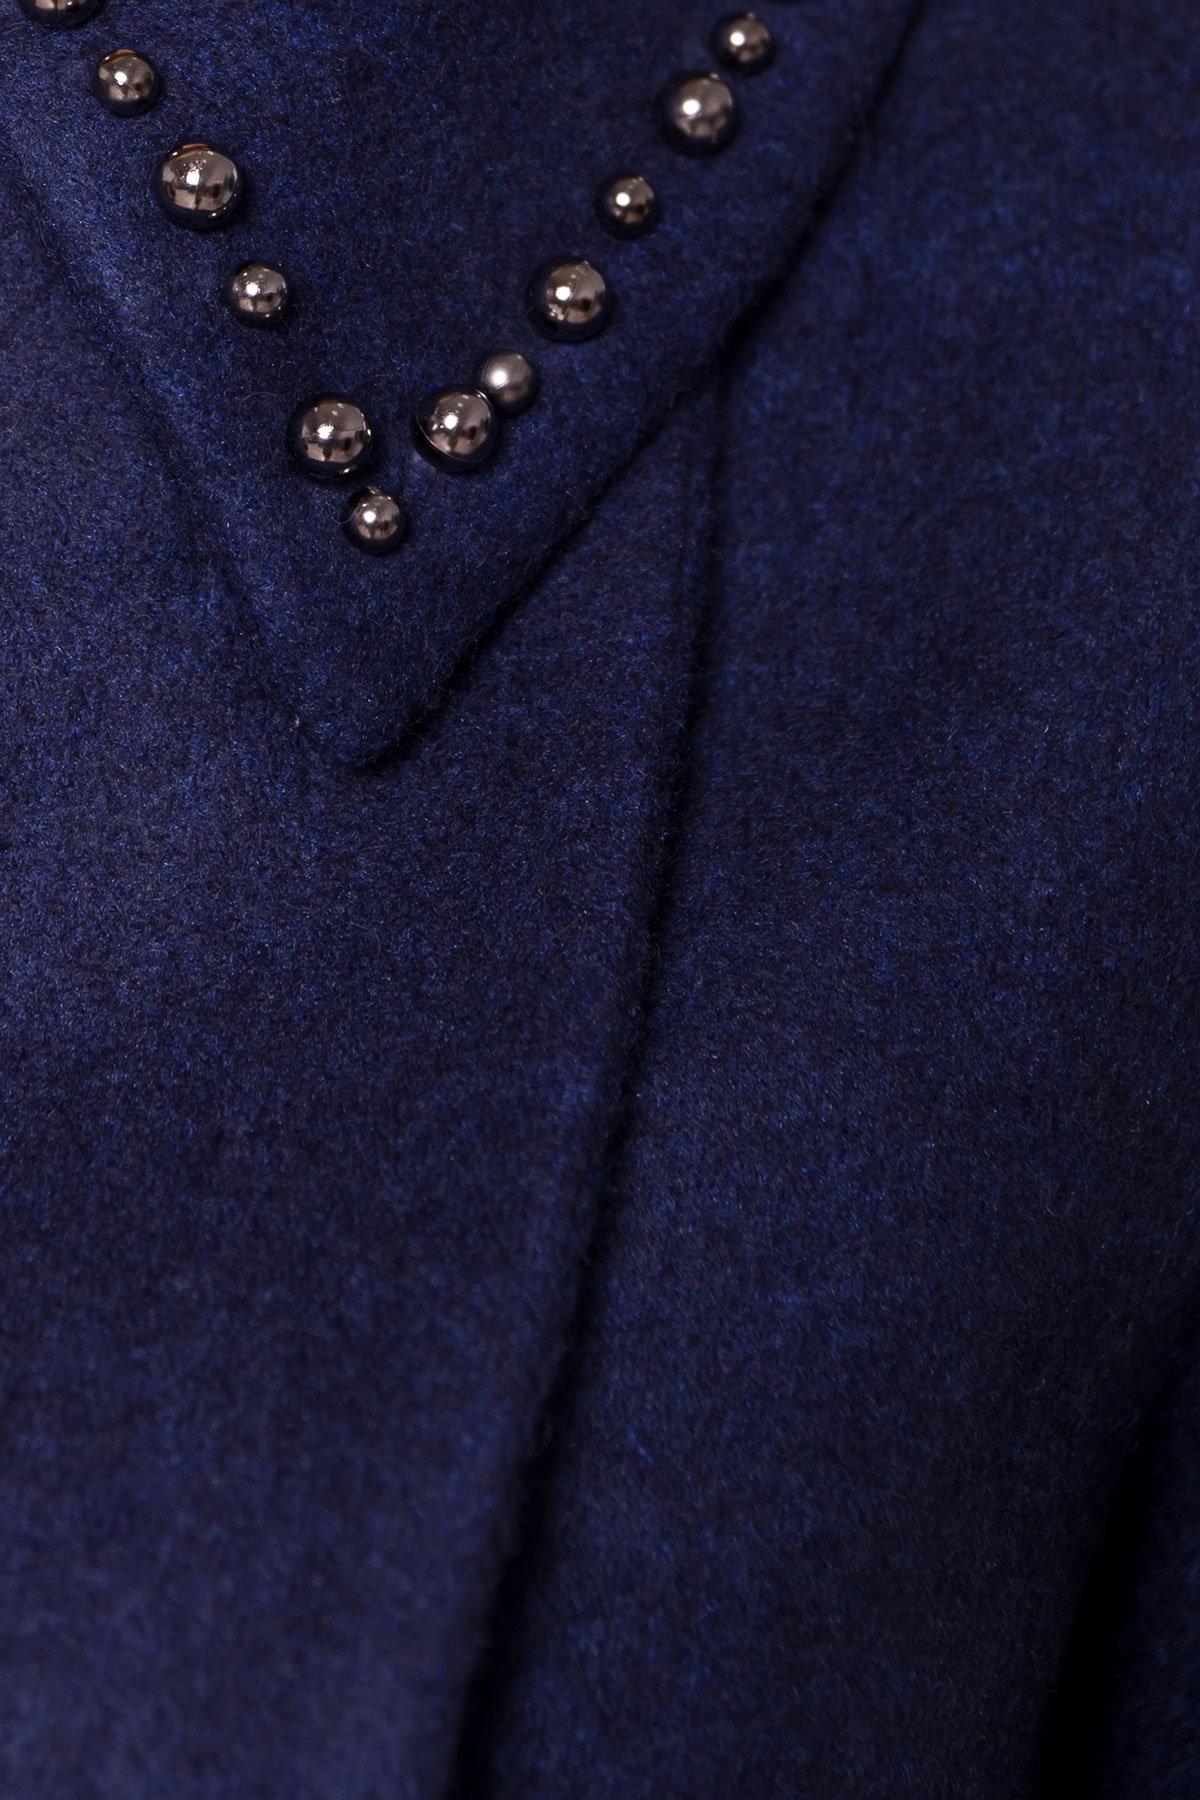 Пальто Кармен 5416 АРТ. 36777 Цвет: Темно-синий 17 - фото 6, интернет магазин tm-modus.ru